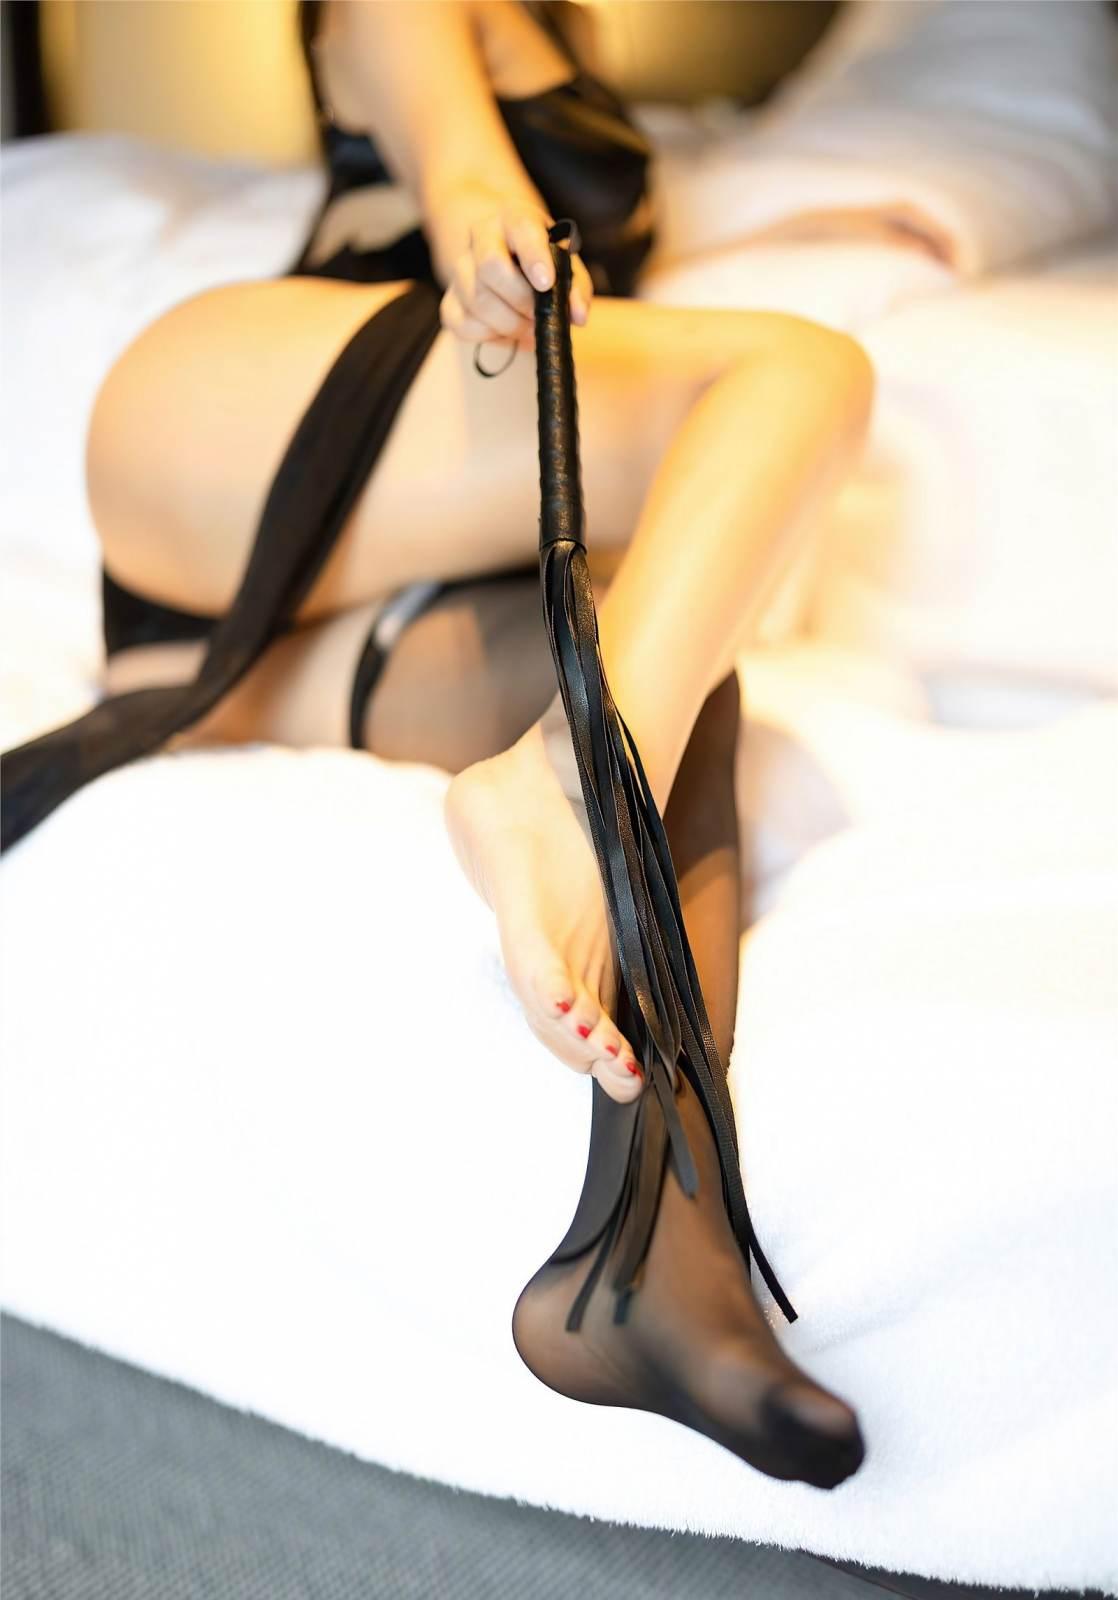 第315期千朝回盼,万载流芳。徐安安(丝袜,丝足,黑丝,高跟,诱惑)_图片6